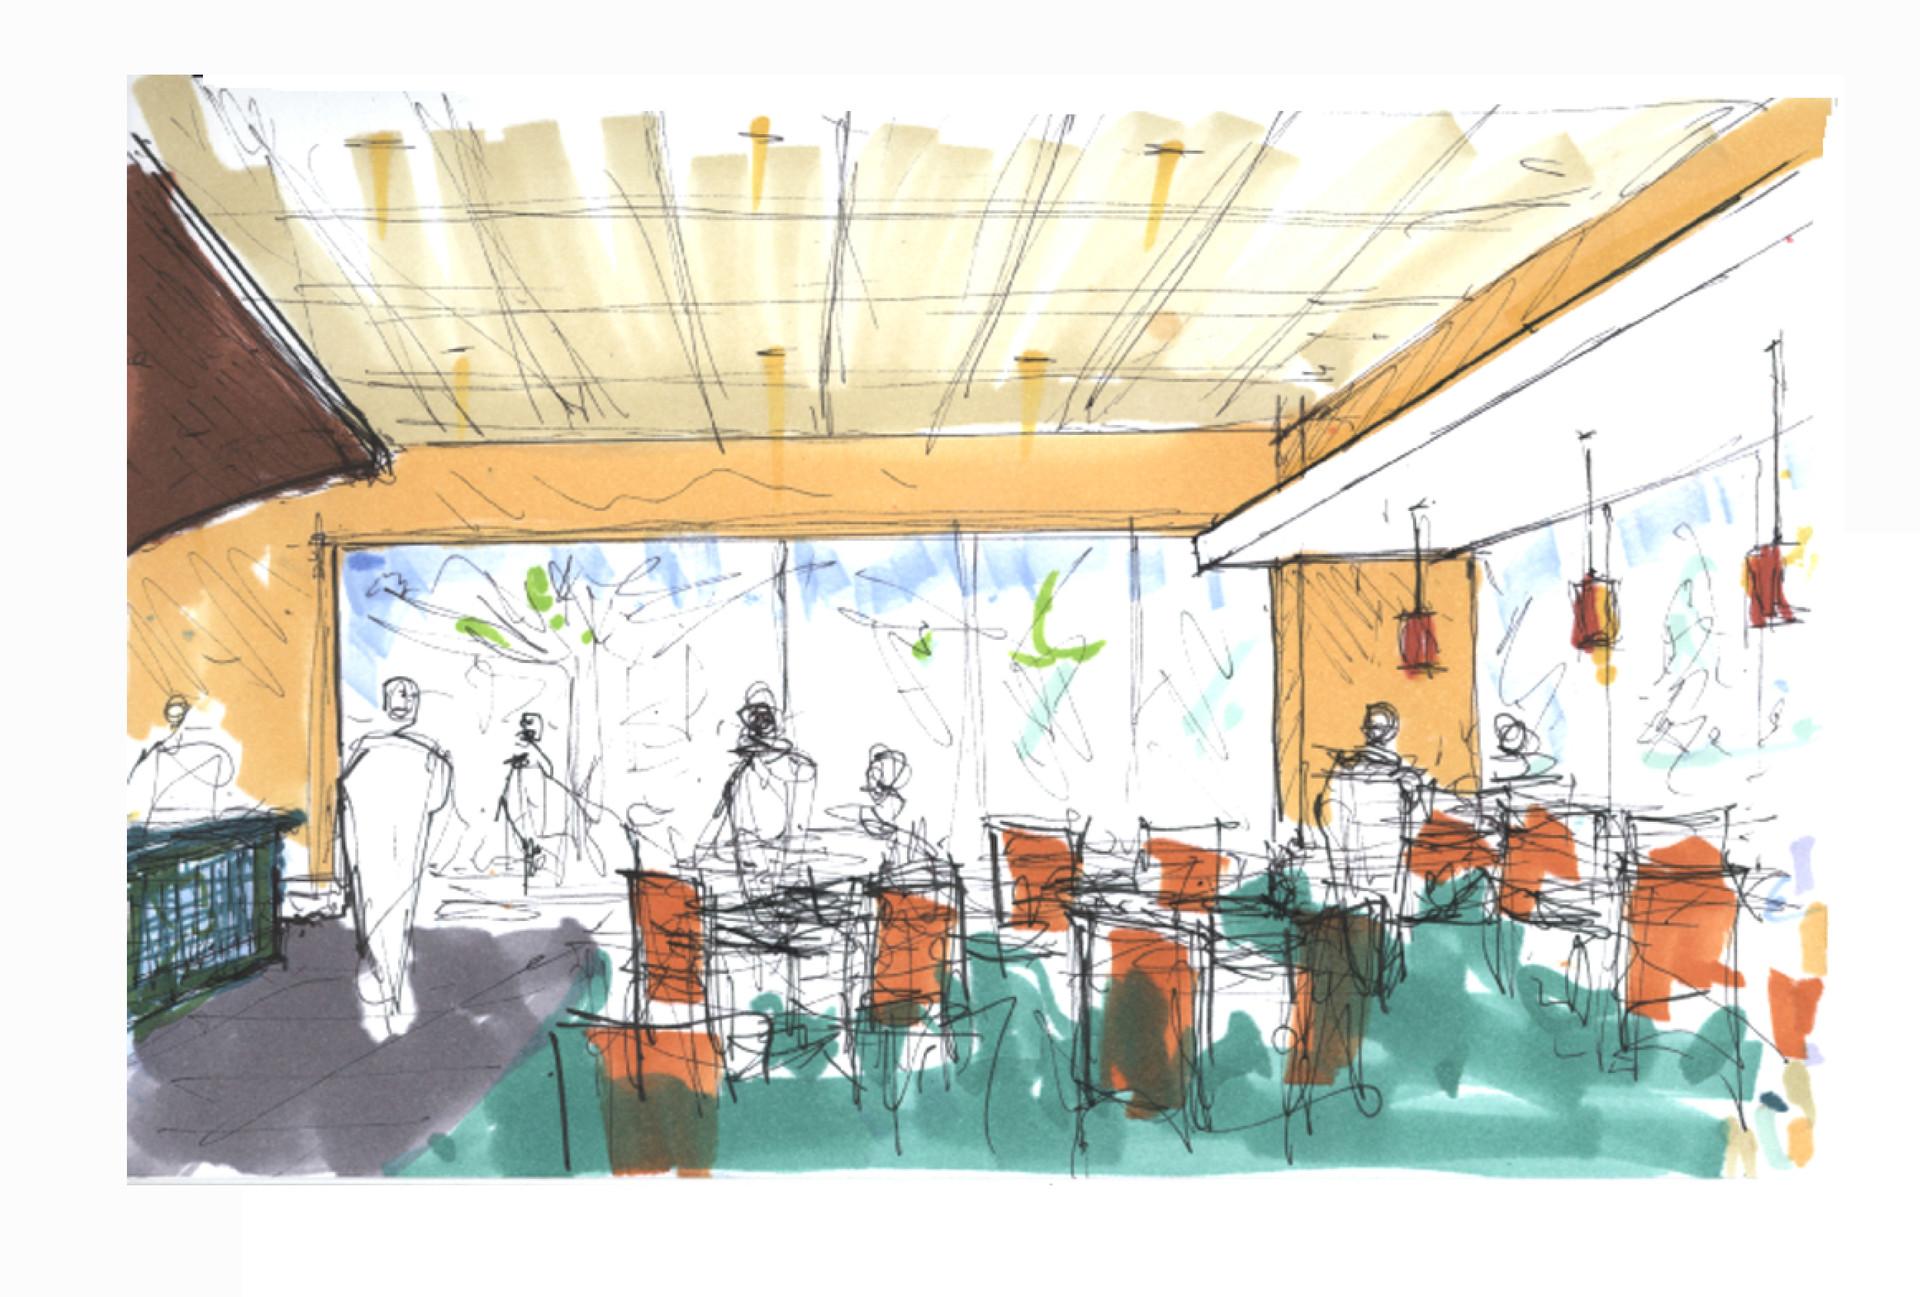 Duncaster Cafe Sketch